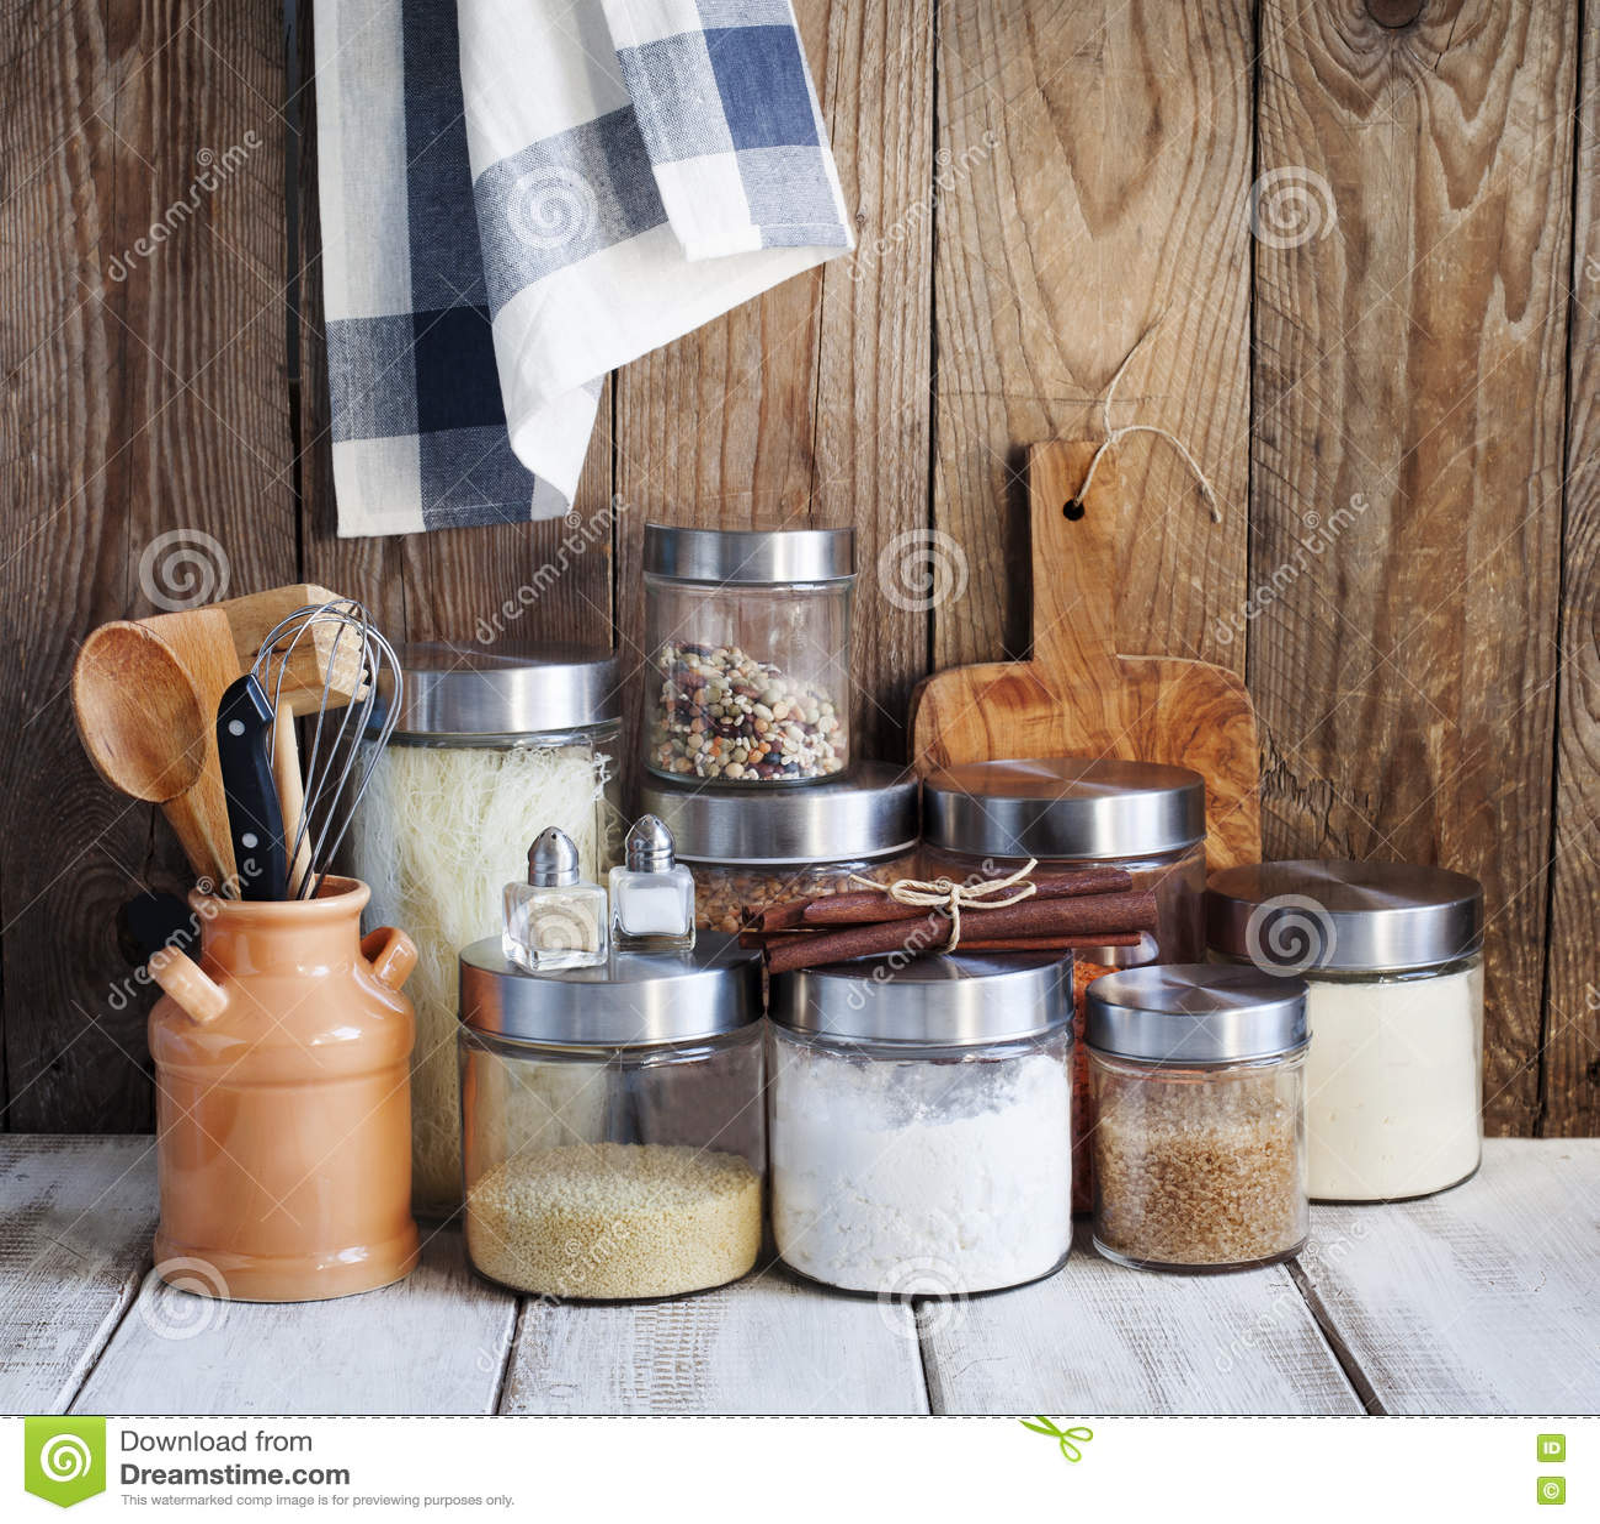 Anordnung Fur Trockene Nahrungsmittel Und Kuchengerate Stockbild Bild Von Anordnung Trockene 70716831